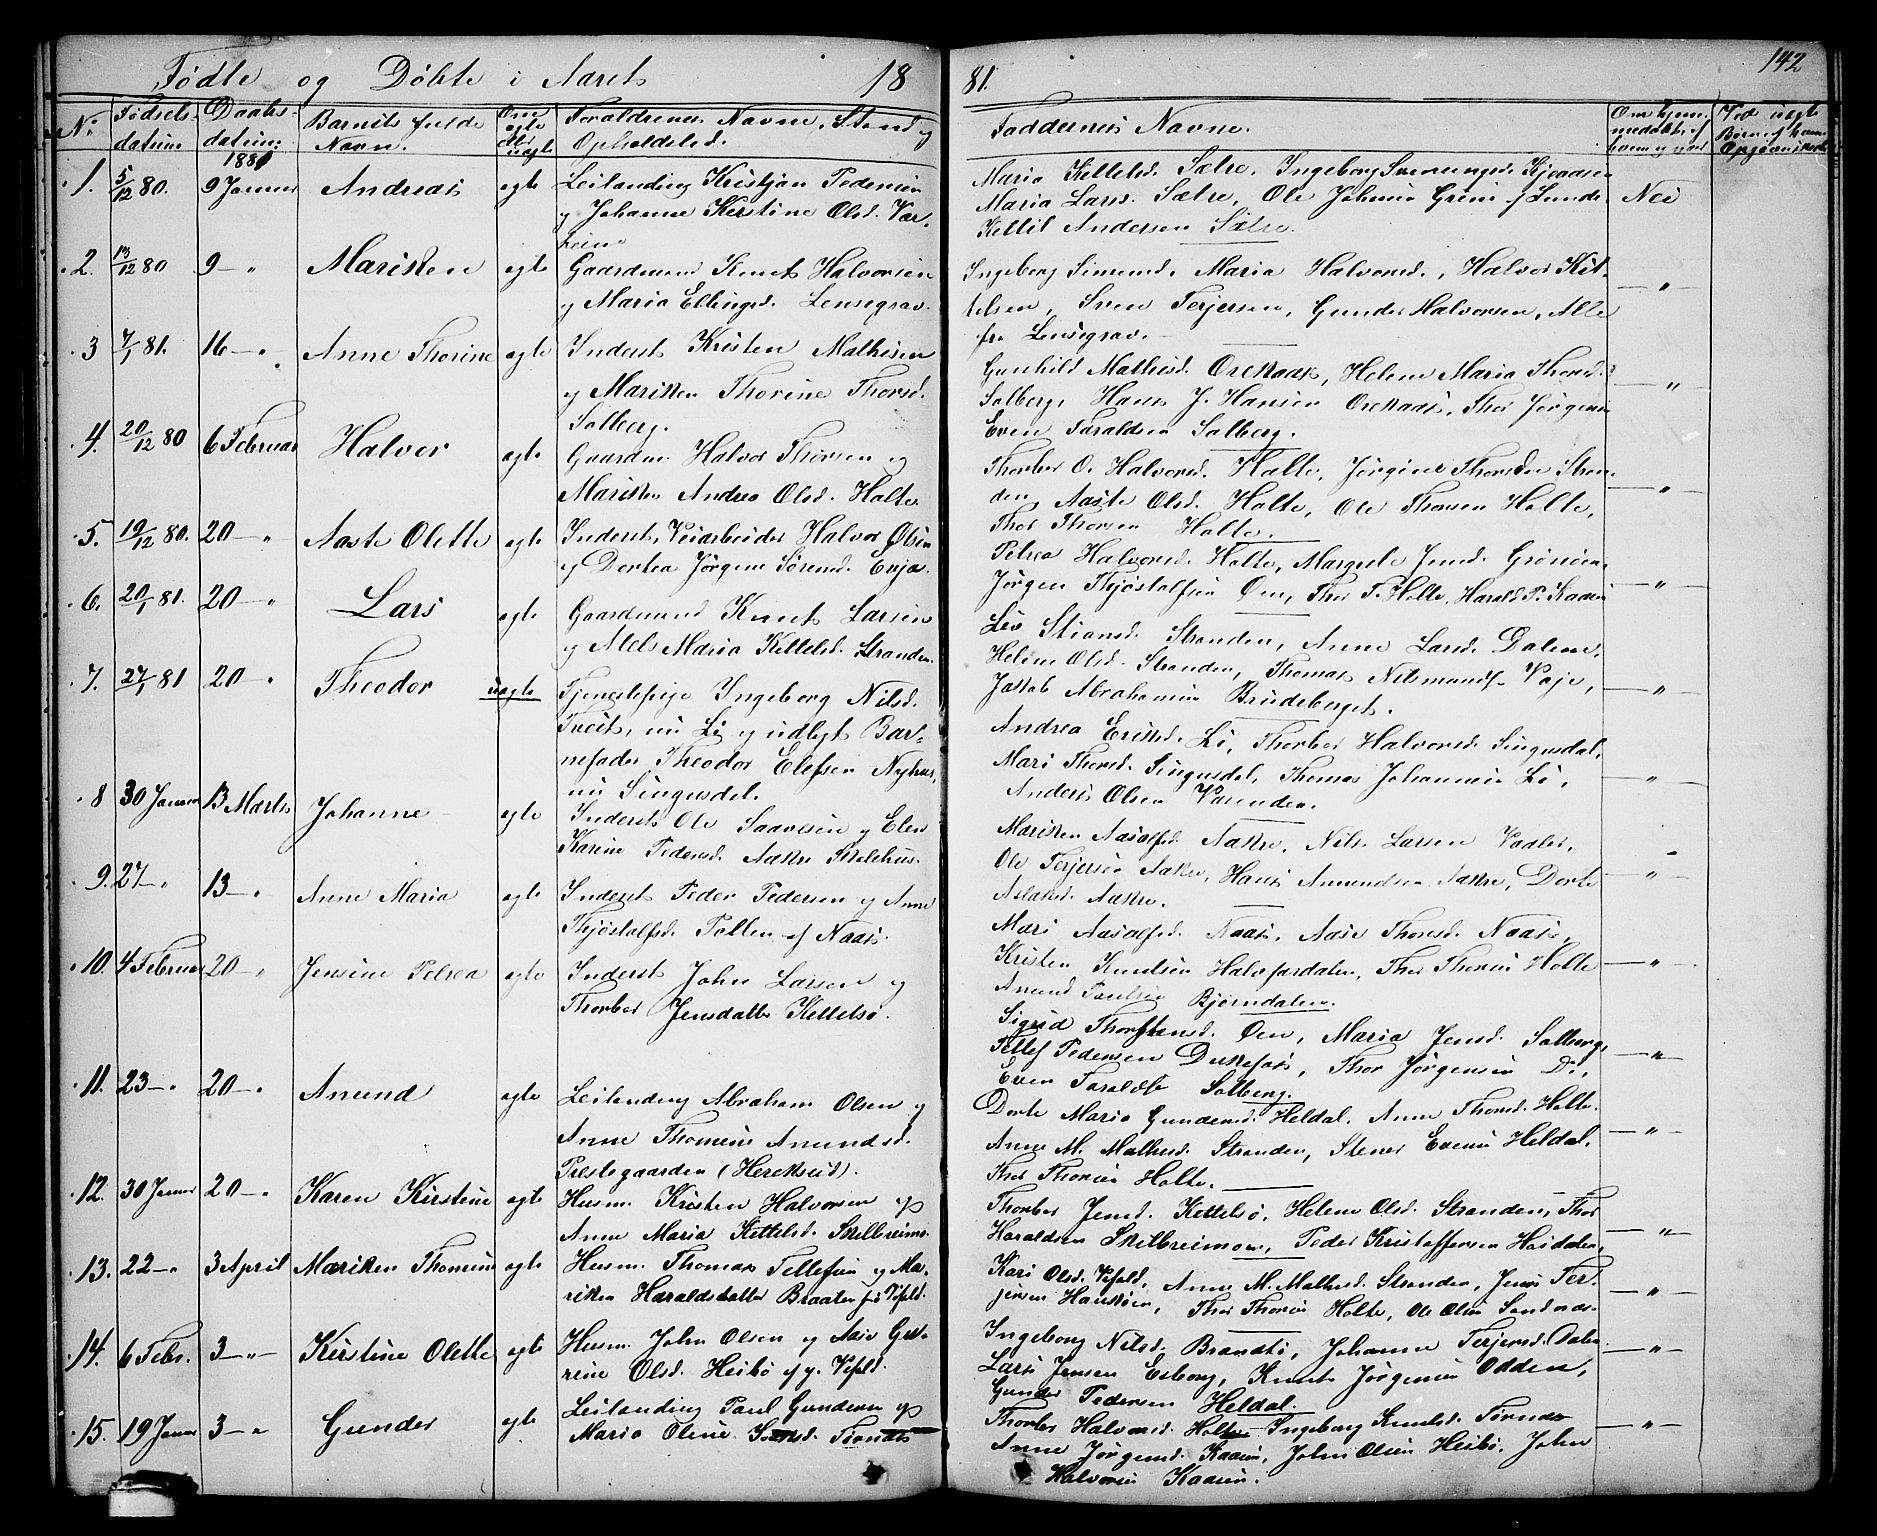 SAKO, Drangedal kirkebøker, G/Ga/L0002: Klokkerbok nr. I 2, 1856-1887, s. 142